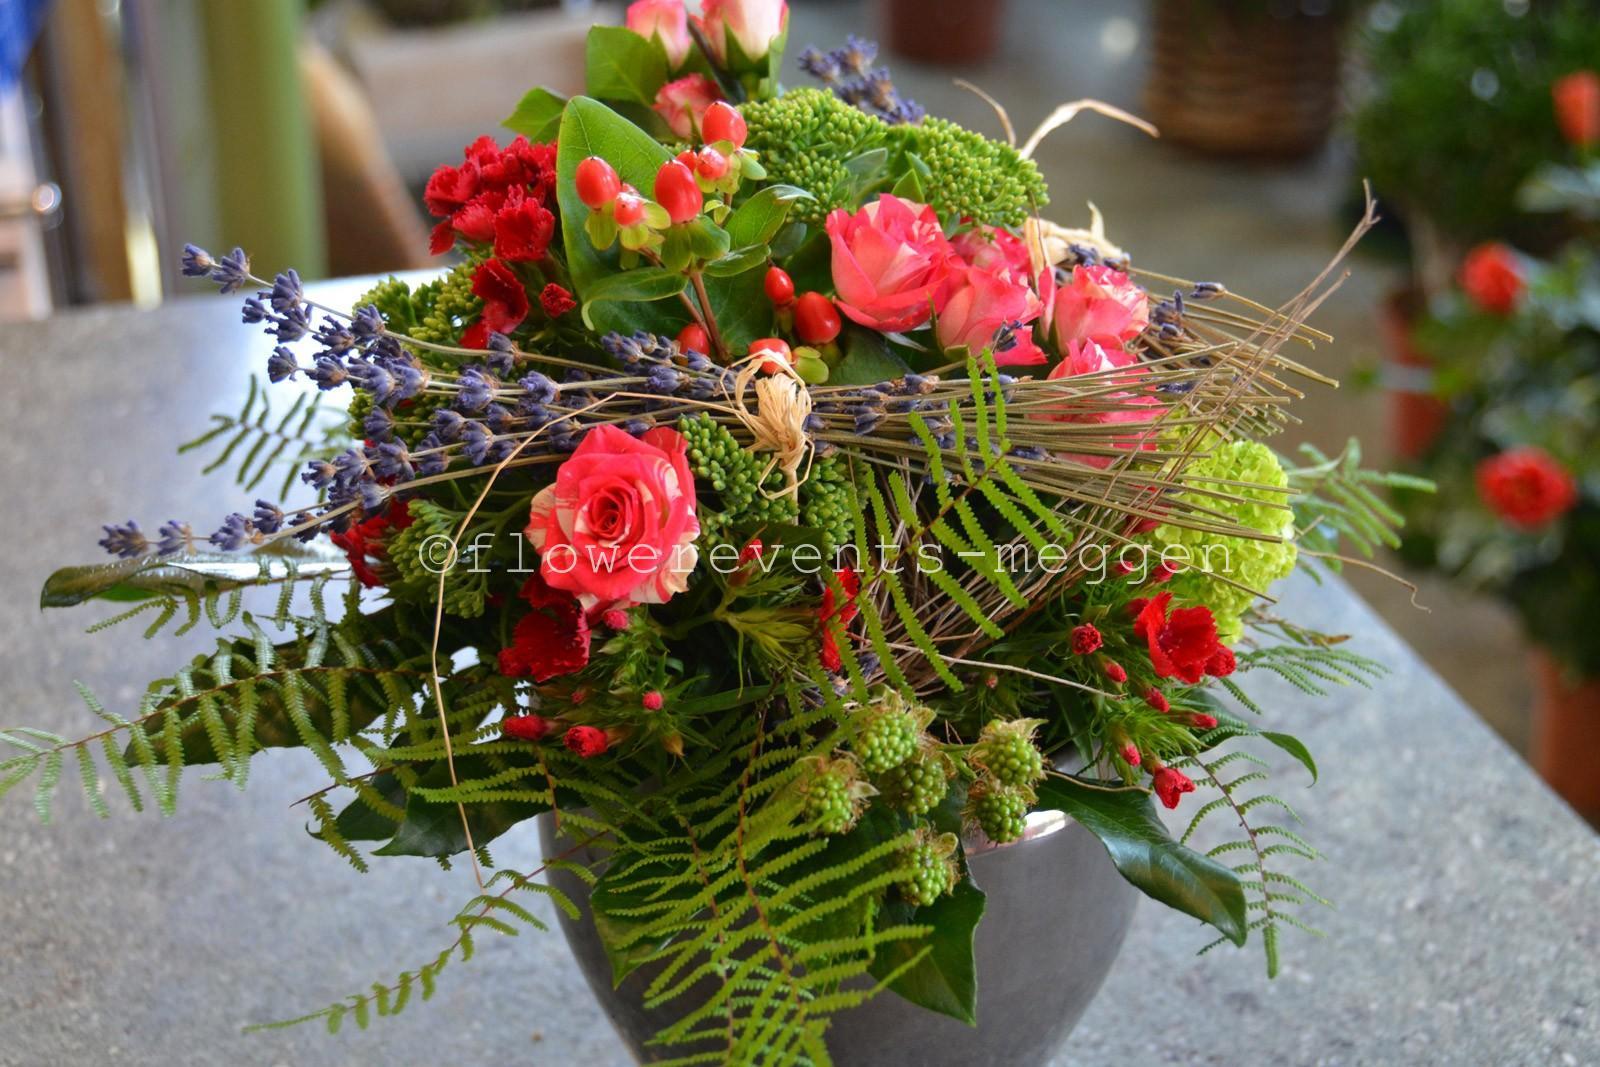 luzern blumen strauss kaufen bei flowerevents bestellen blumenstrauss leidenschaftlich emotional. Black Bedroom Furniture Sets. Home Design Ideas